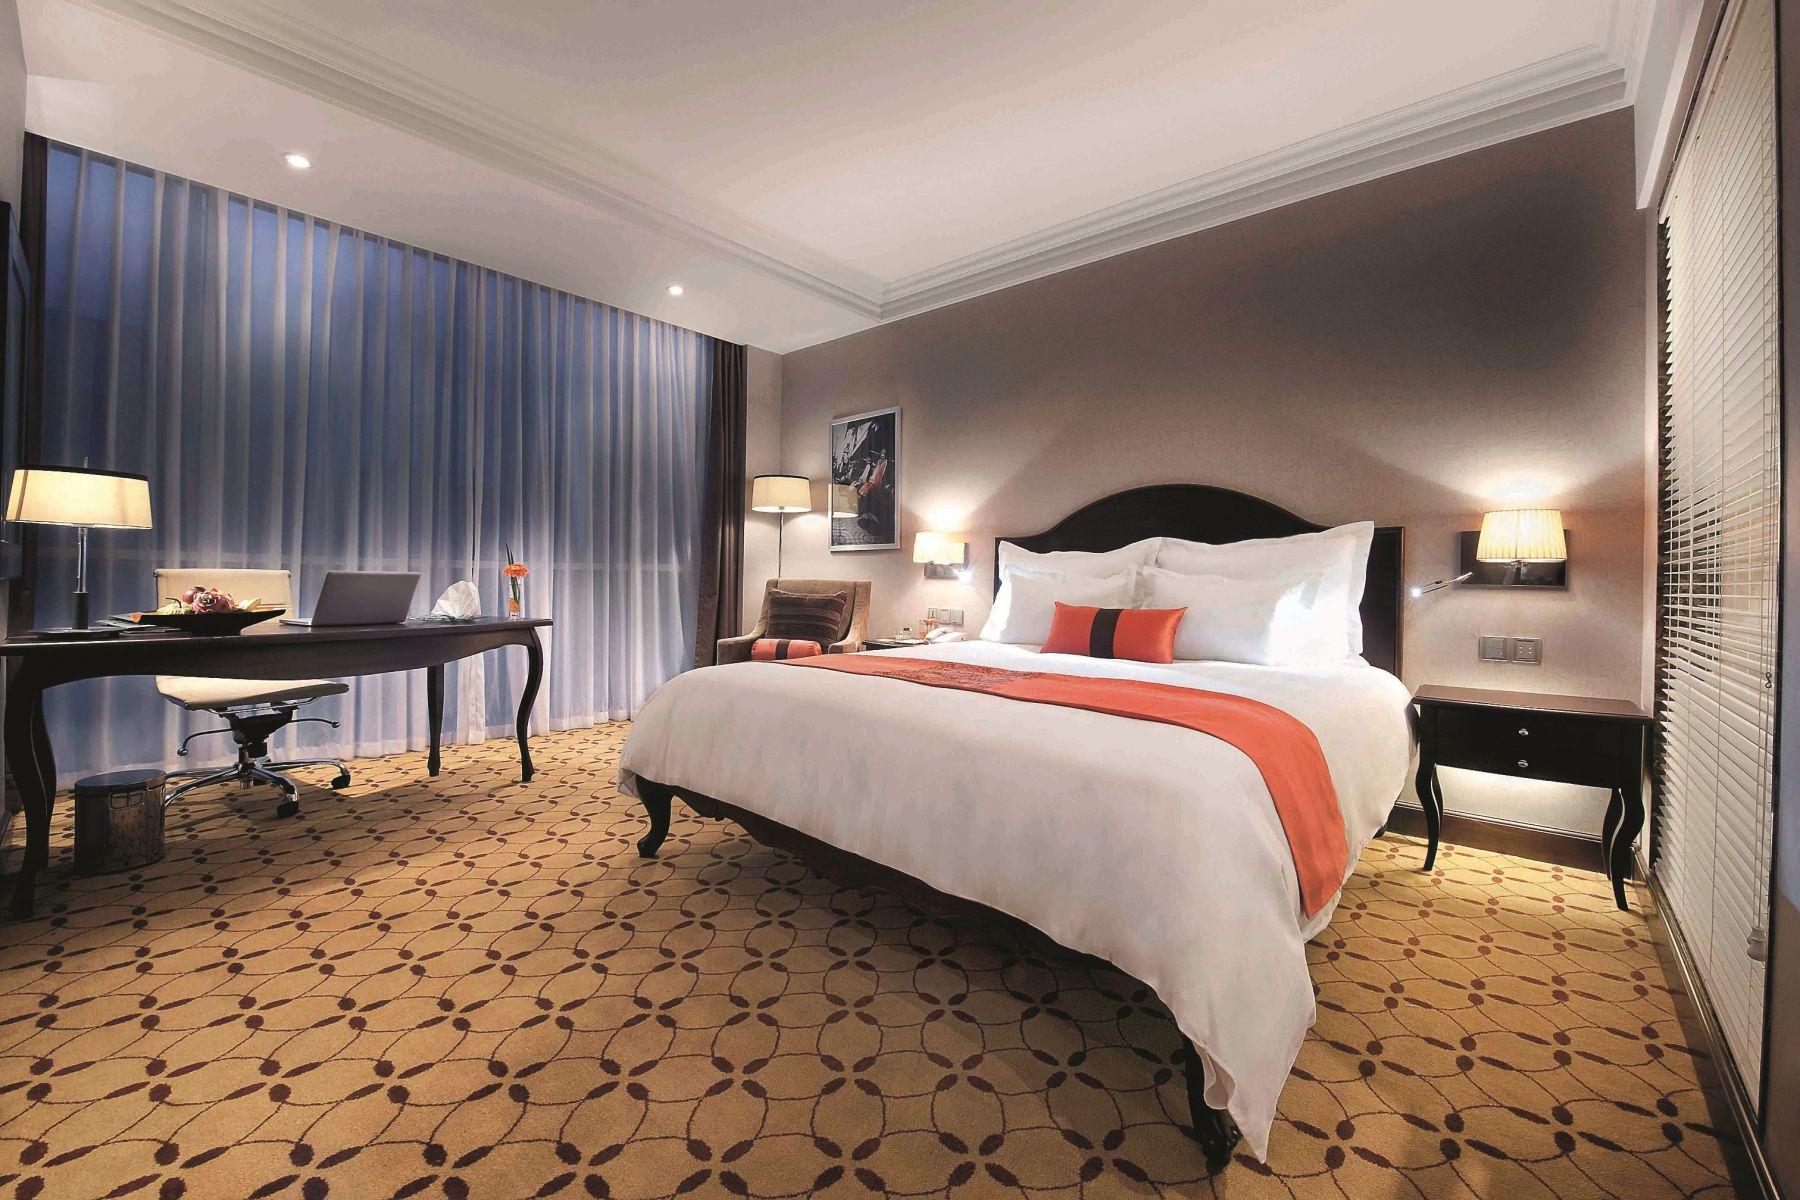 Kamarnya mengadopsi desain modern dengan sedikit sentuhan tradisional di mebelnya.